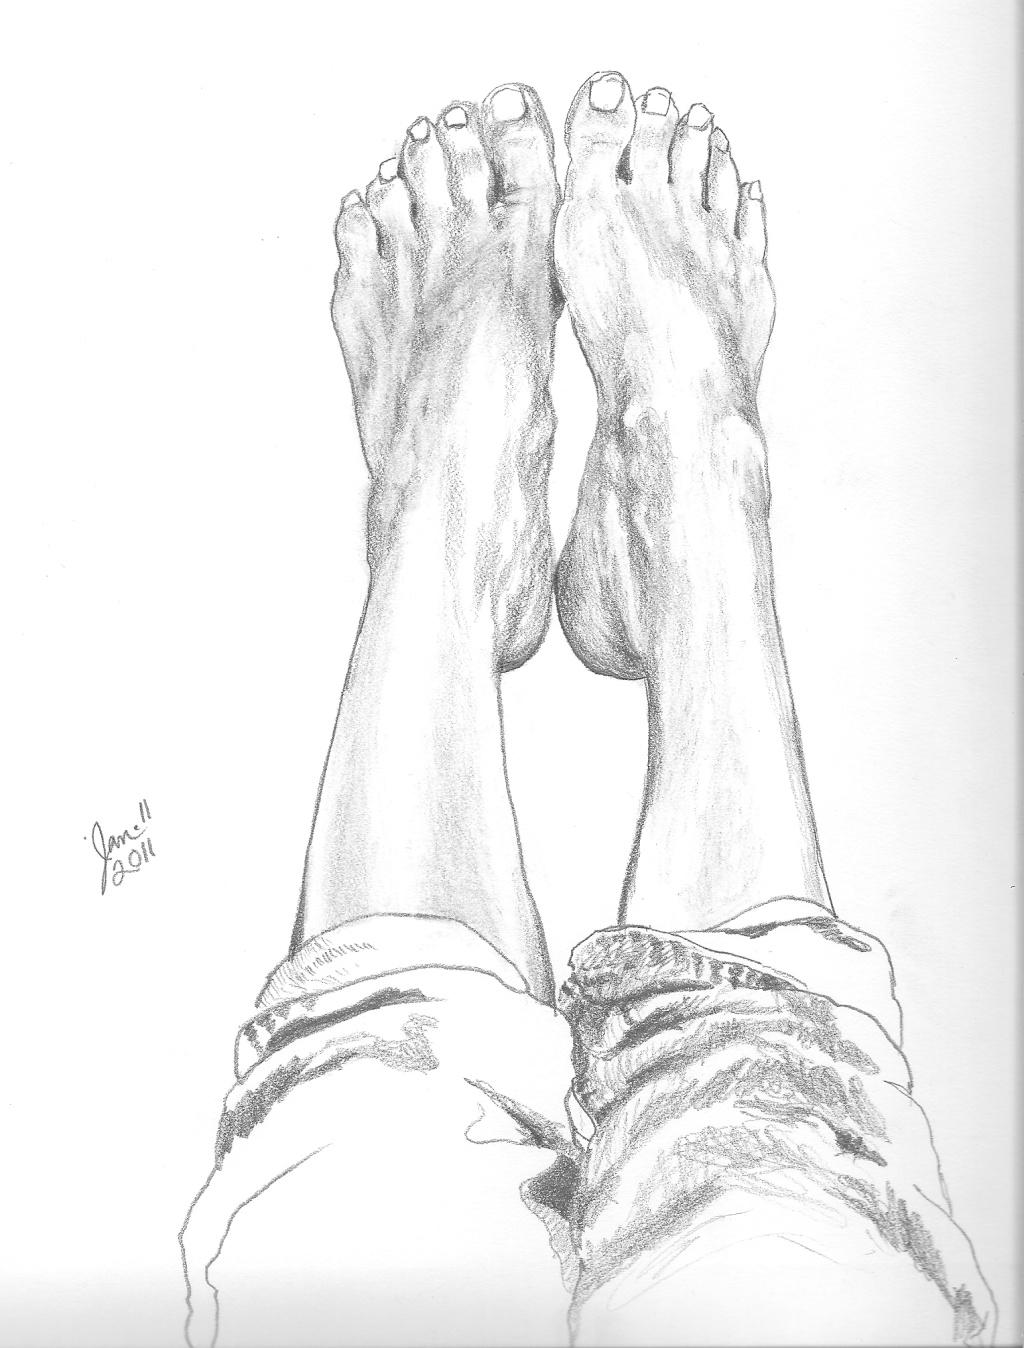 1024x1348 Sketch A Day 2011 Jan. 11, 2011